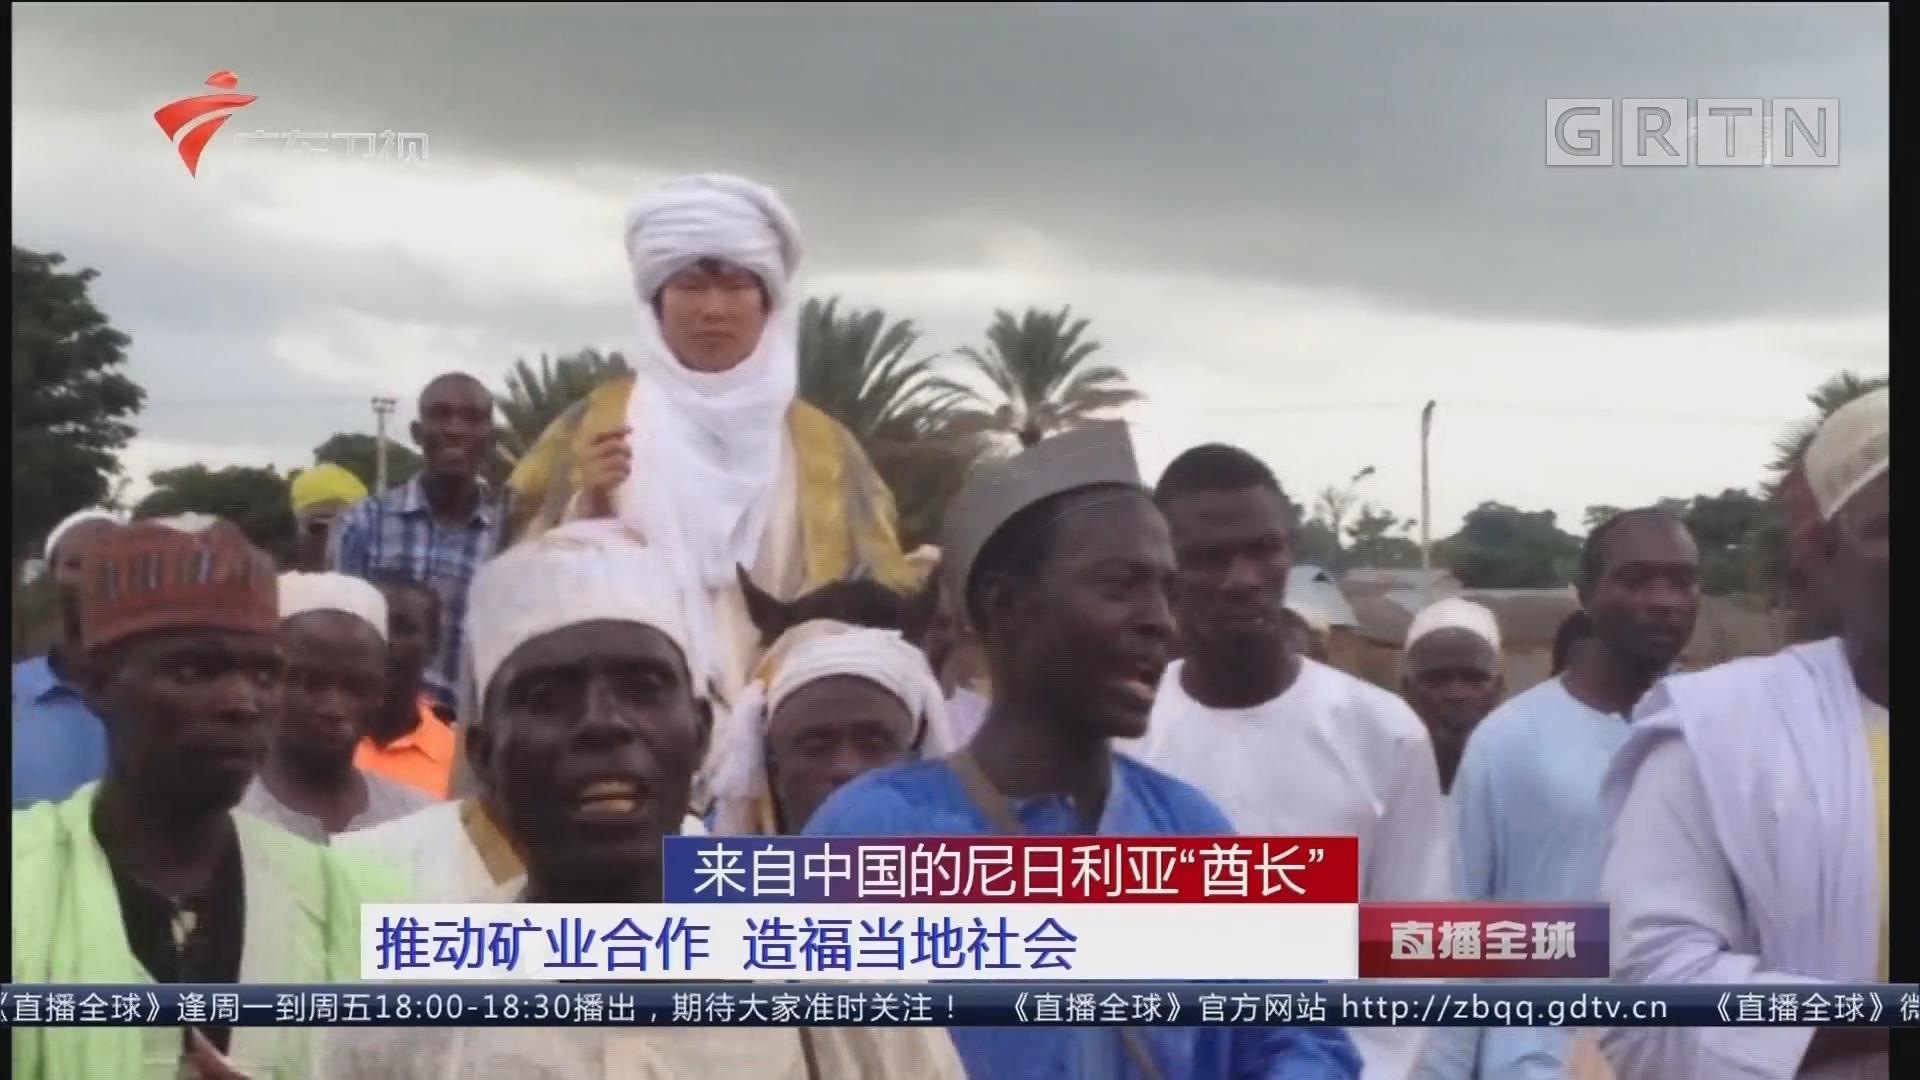 """来自中国的尼日利亚""""酋长"""" 推动矿业合作 造福当地社会"""